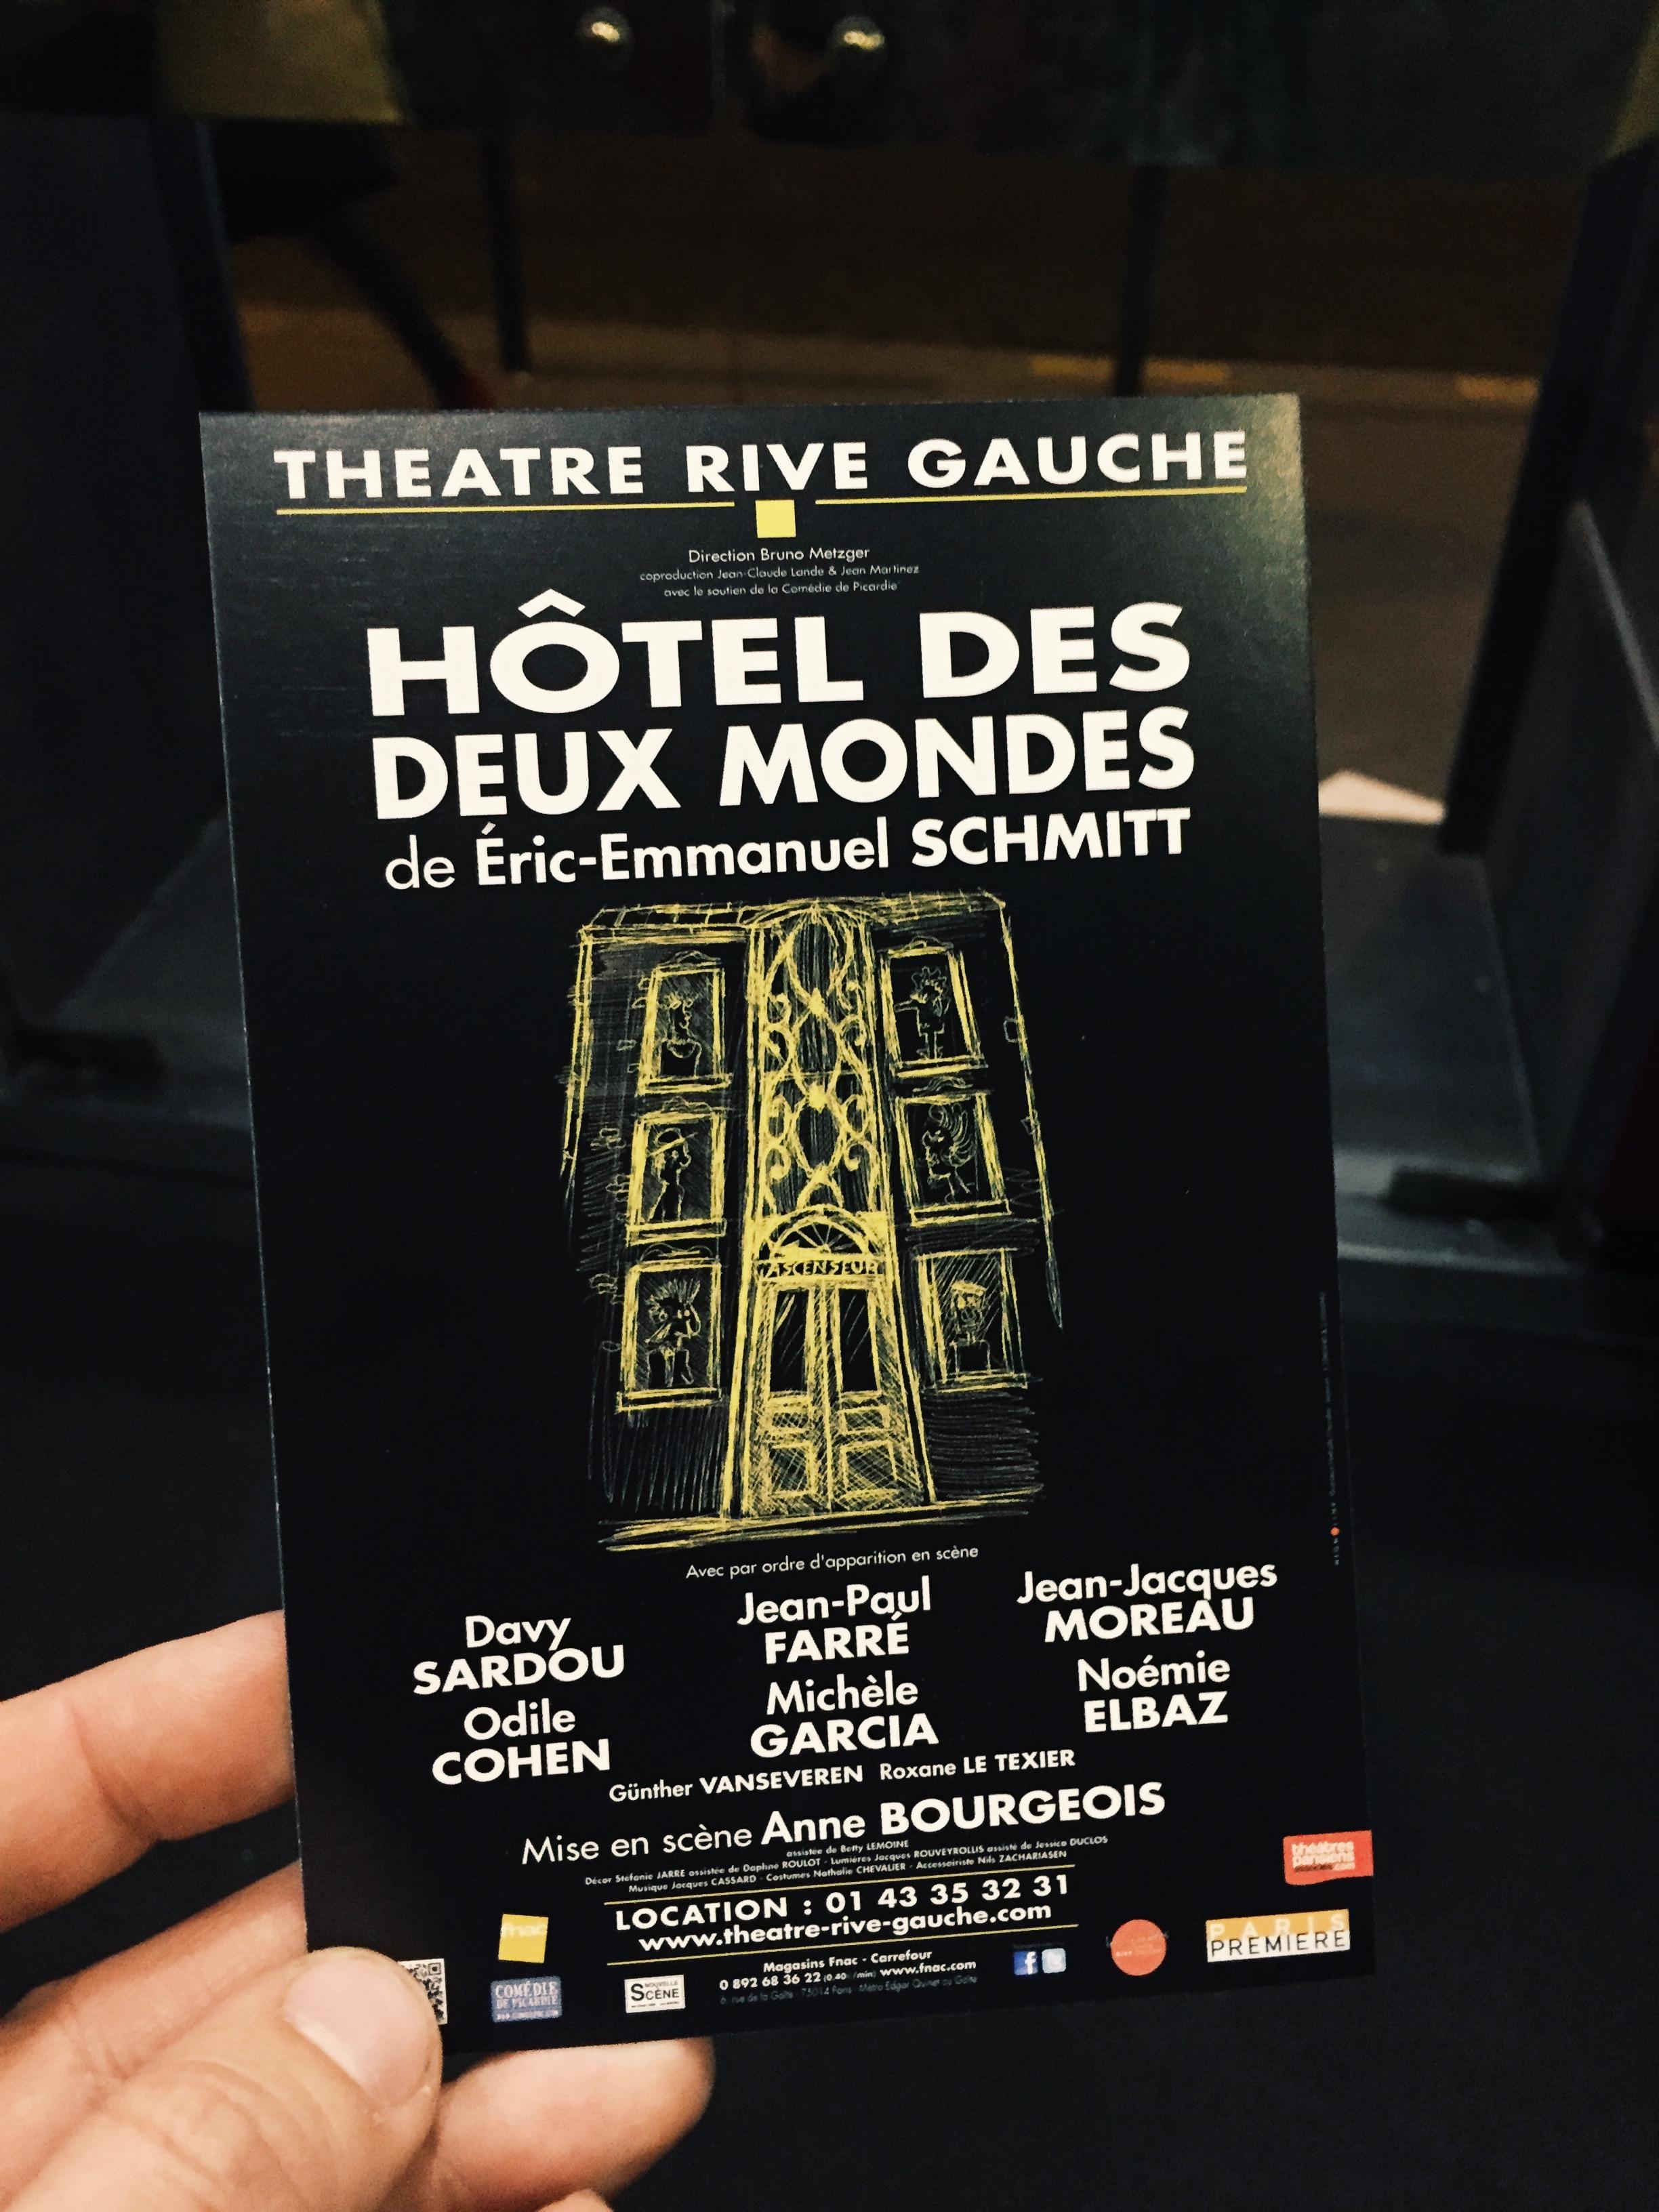 Affiche-Hôtel-des-deux-mondes-Théâtre-Rive-Gauche-Paris-Eric-Emmanuel-Schmitt-mise-en-scène-Anne-Bourgeois-critique-usofparis-blog